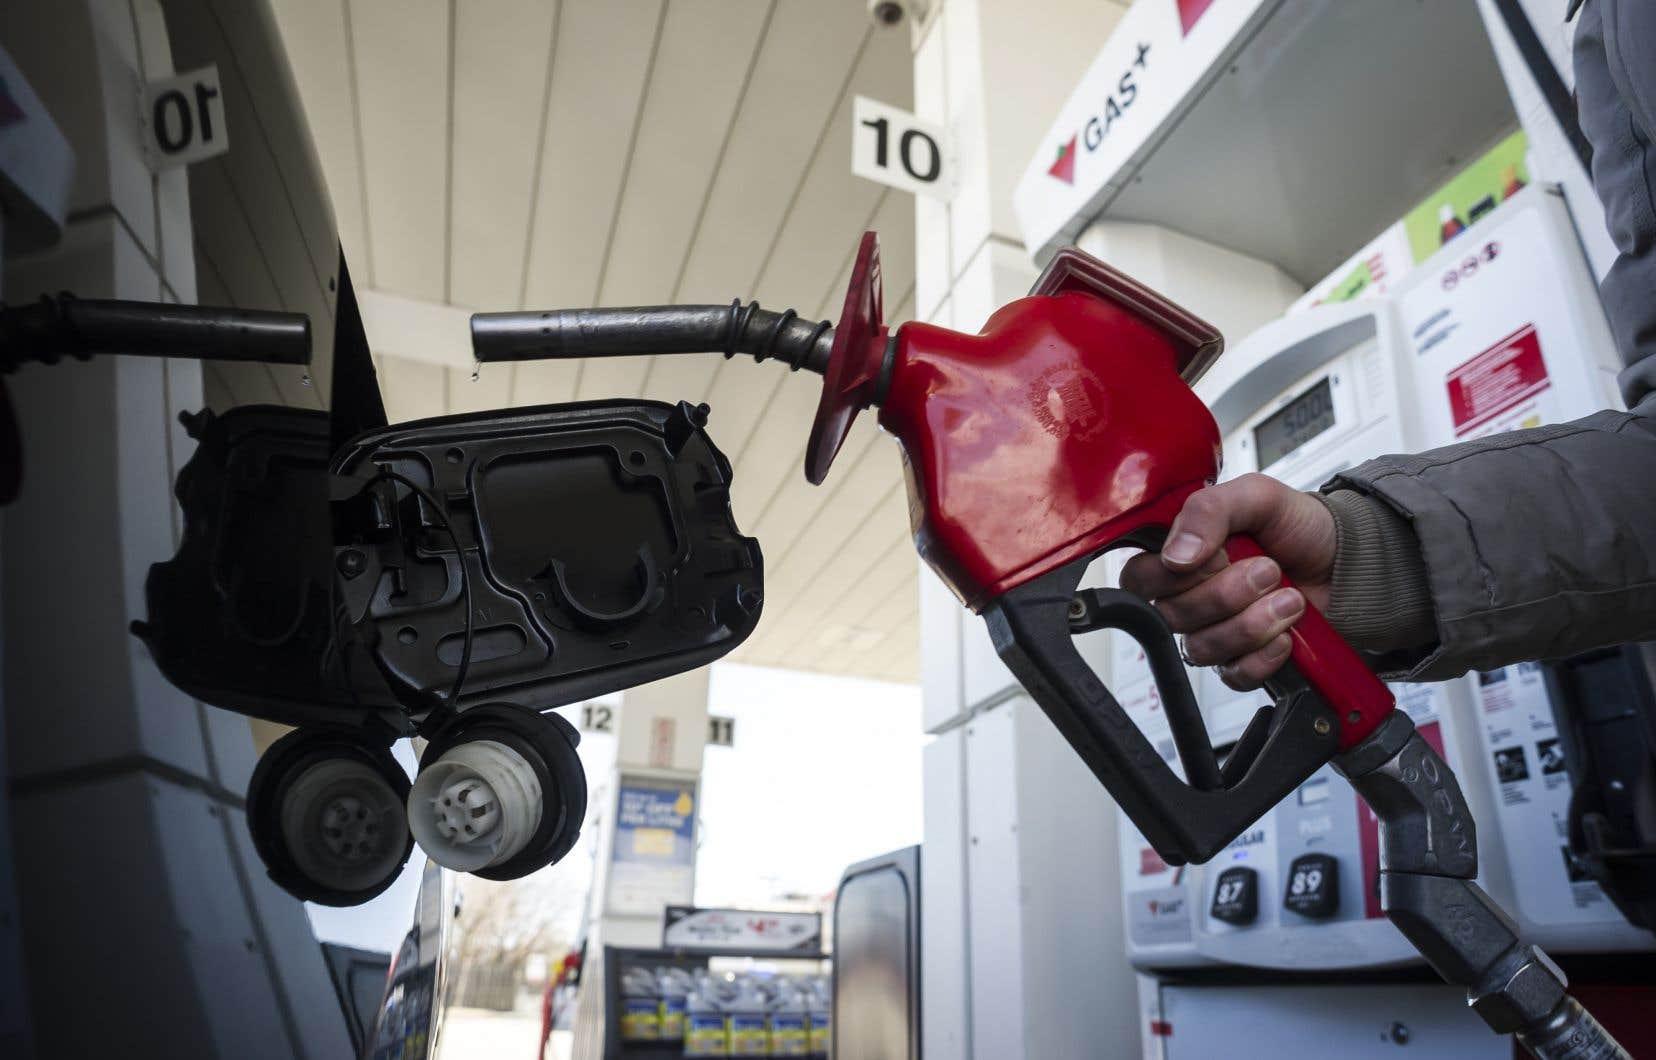 L'autocollant en question indique que la loi fédérale ajoutera à leur facture 4,4 cents par litre d'essence cette année, et 11 cents le litre en 2022.